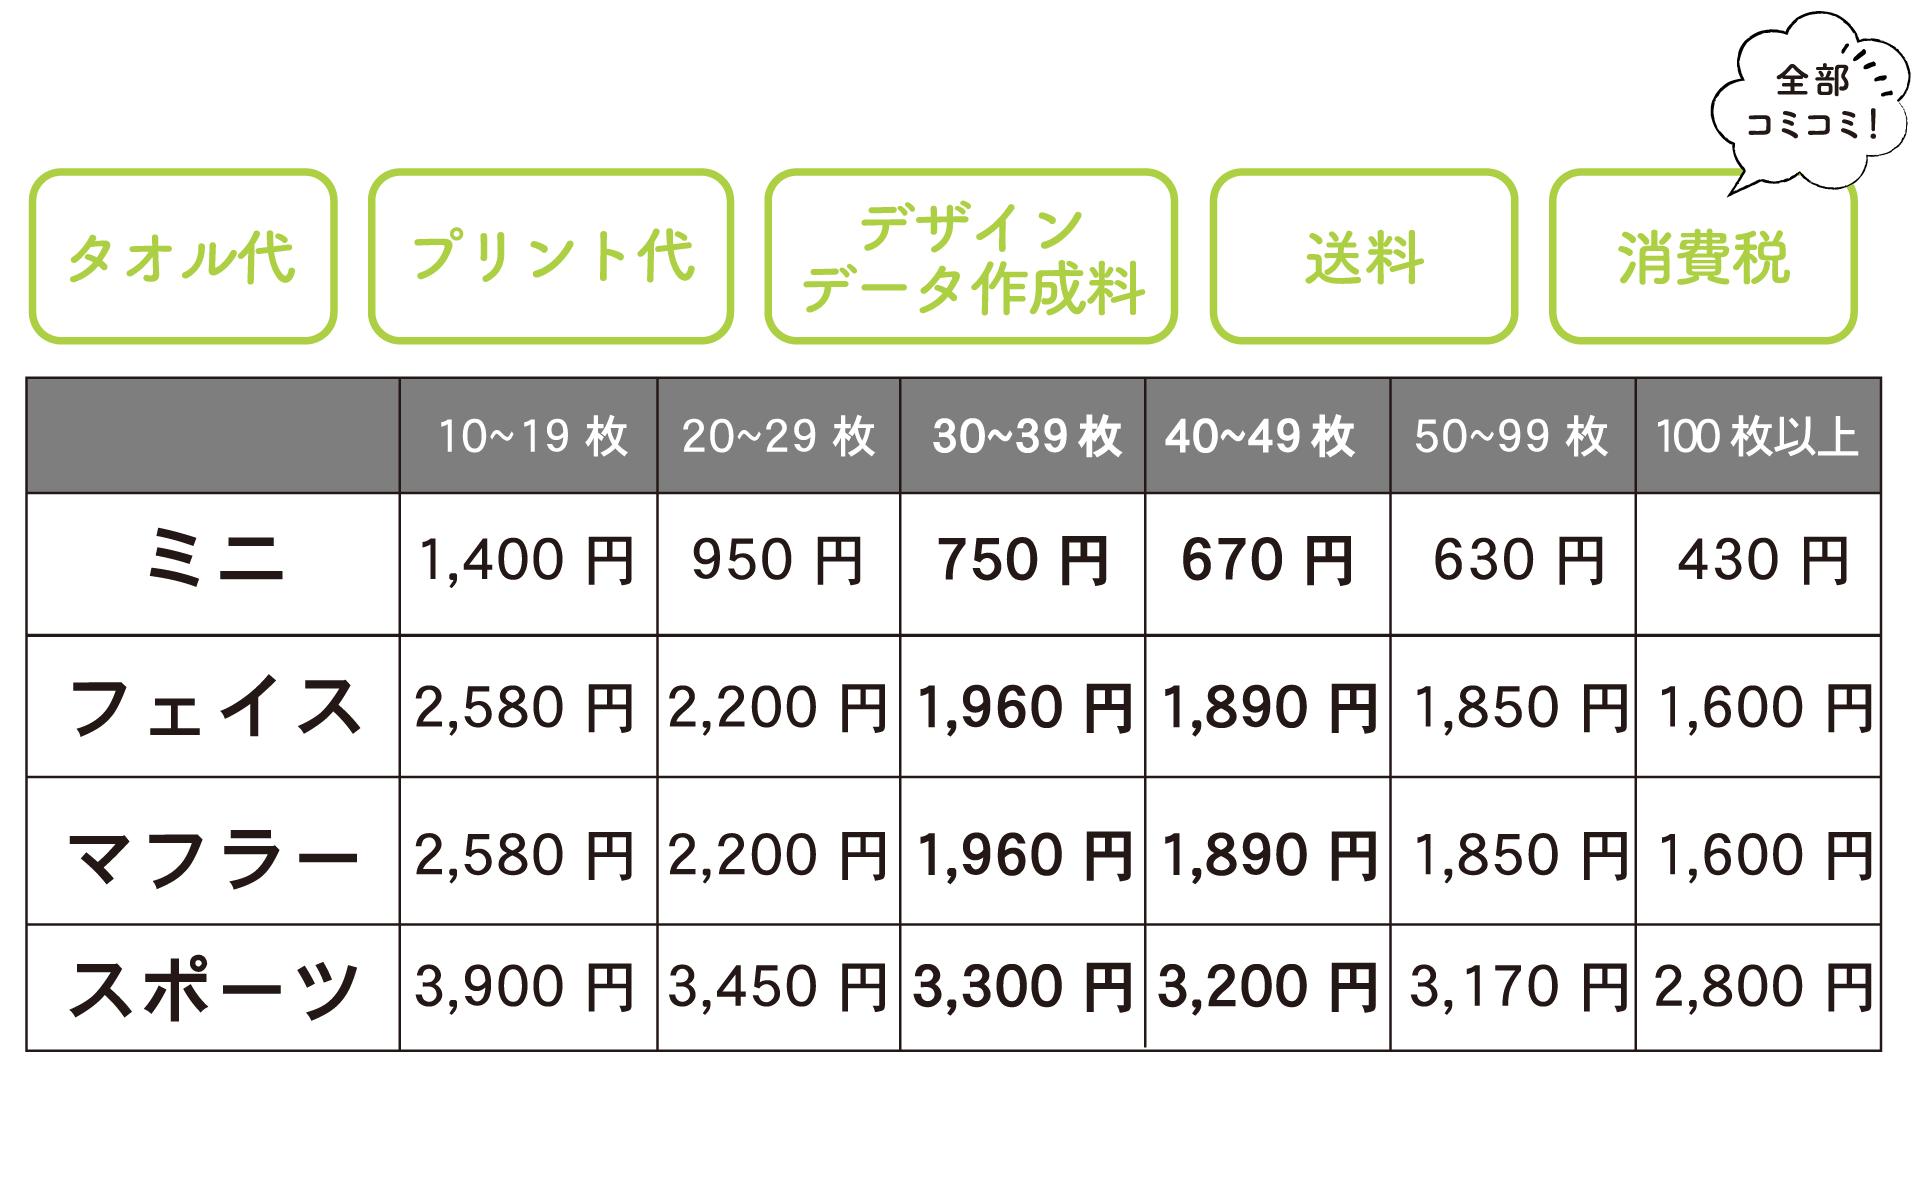 フルカラータオル価格